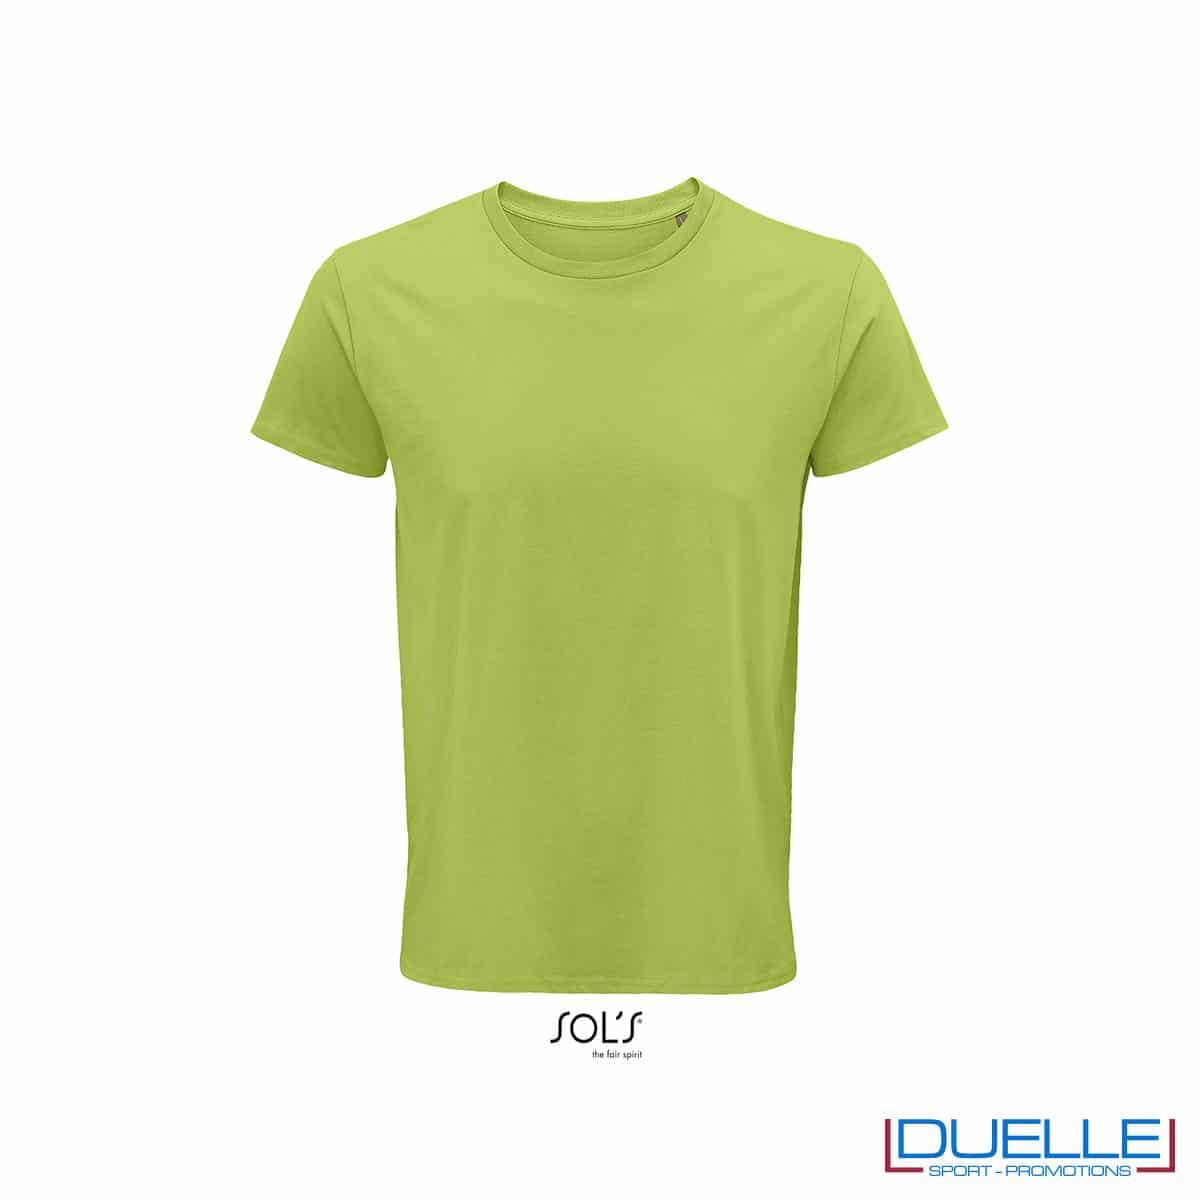 Maglietta ecosostenibile cotone biologico personalizzata colore verde mela